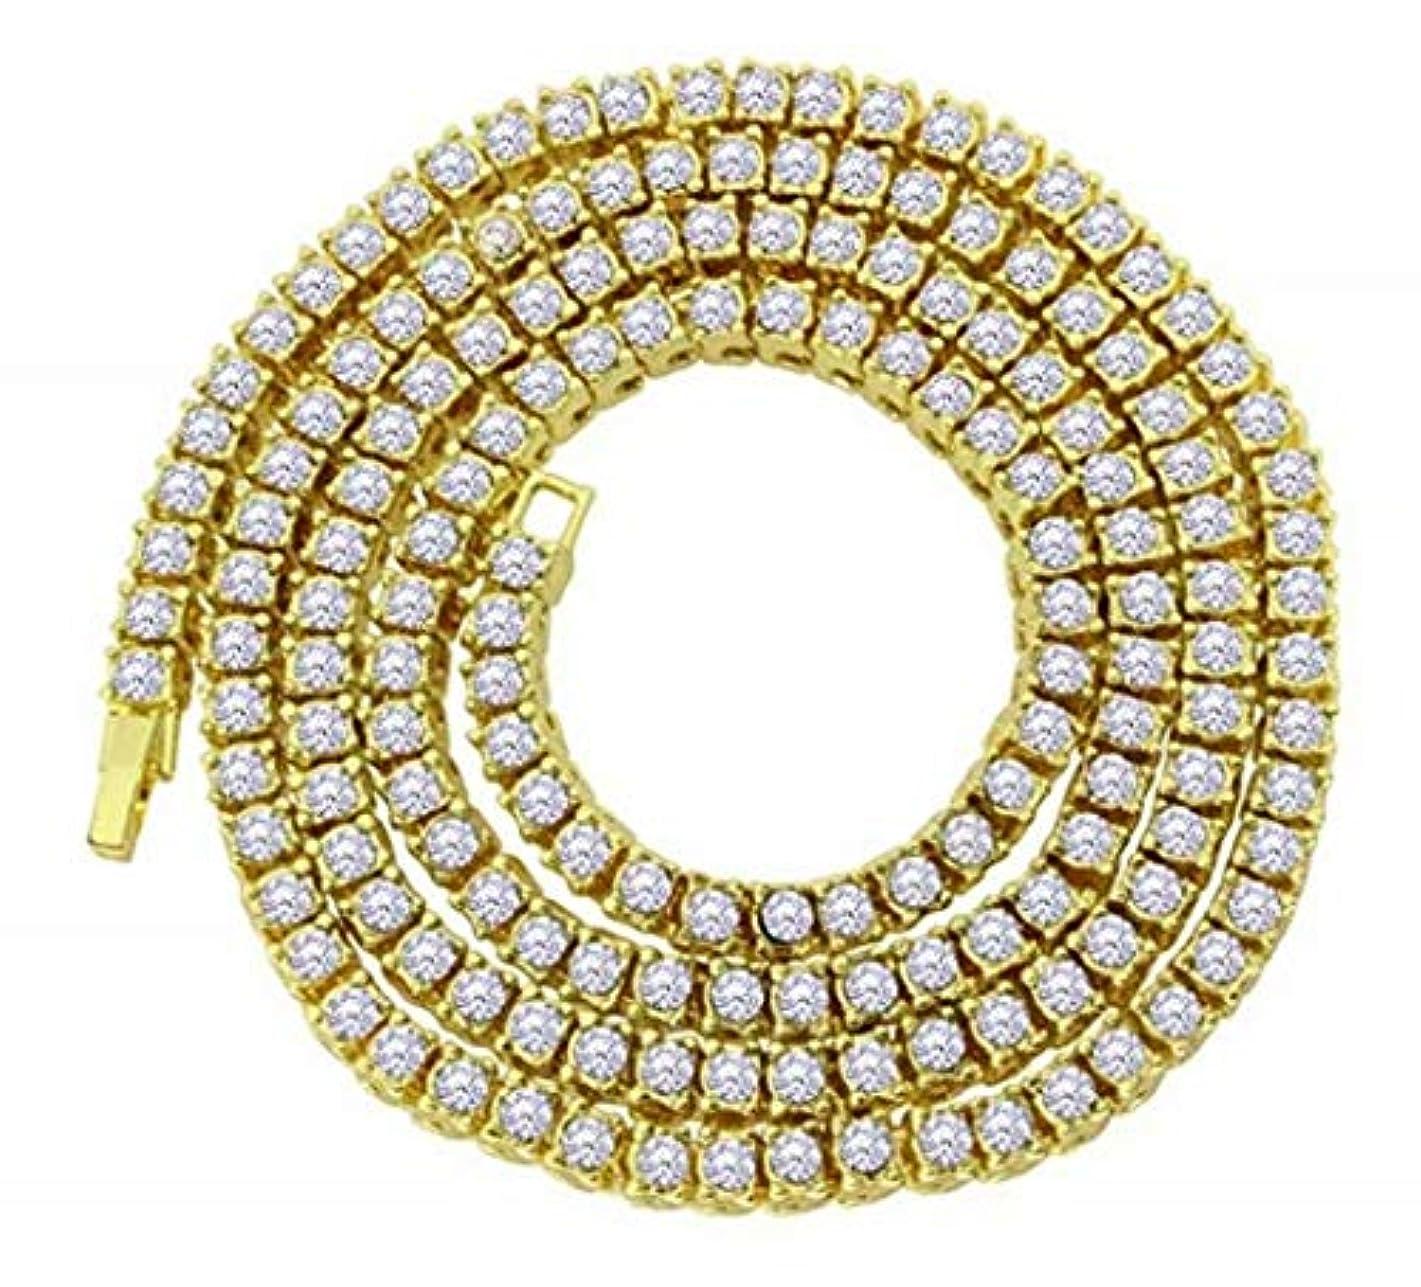 ゲージを除くごちそう七里の香 18 Kゴールドメッキ1行 ダイヤモンド アイスアウト チェーンマクロ CZヒップホップテニスネックレス ゴールド